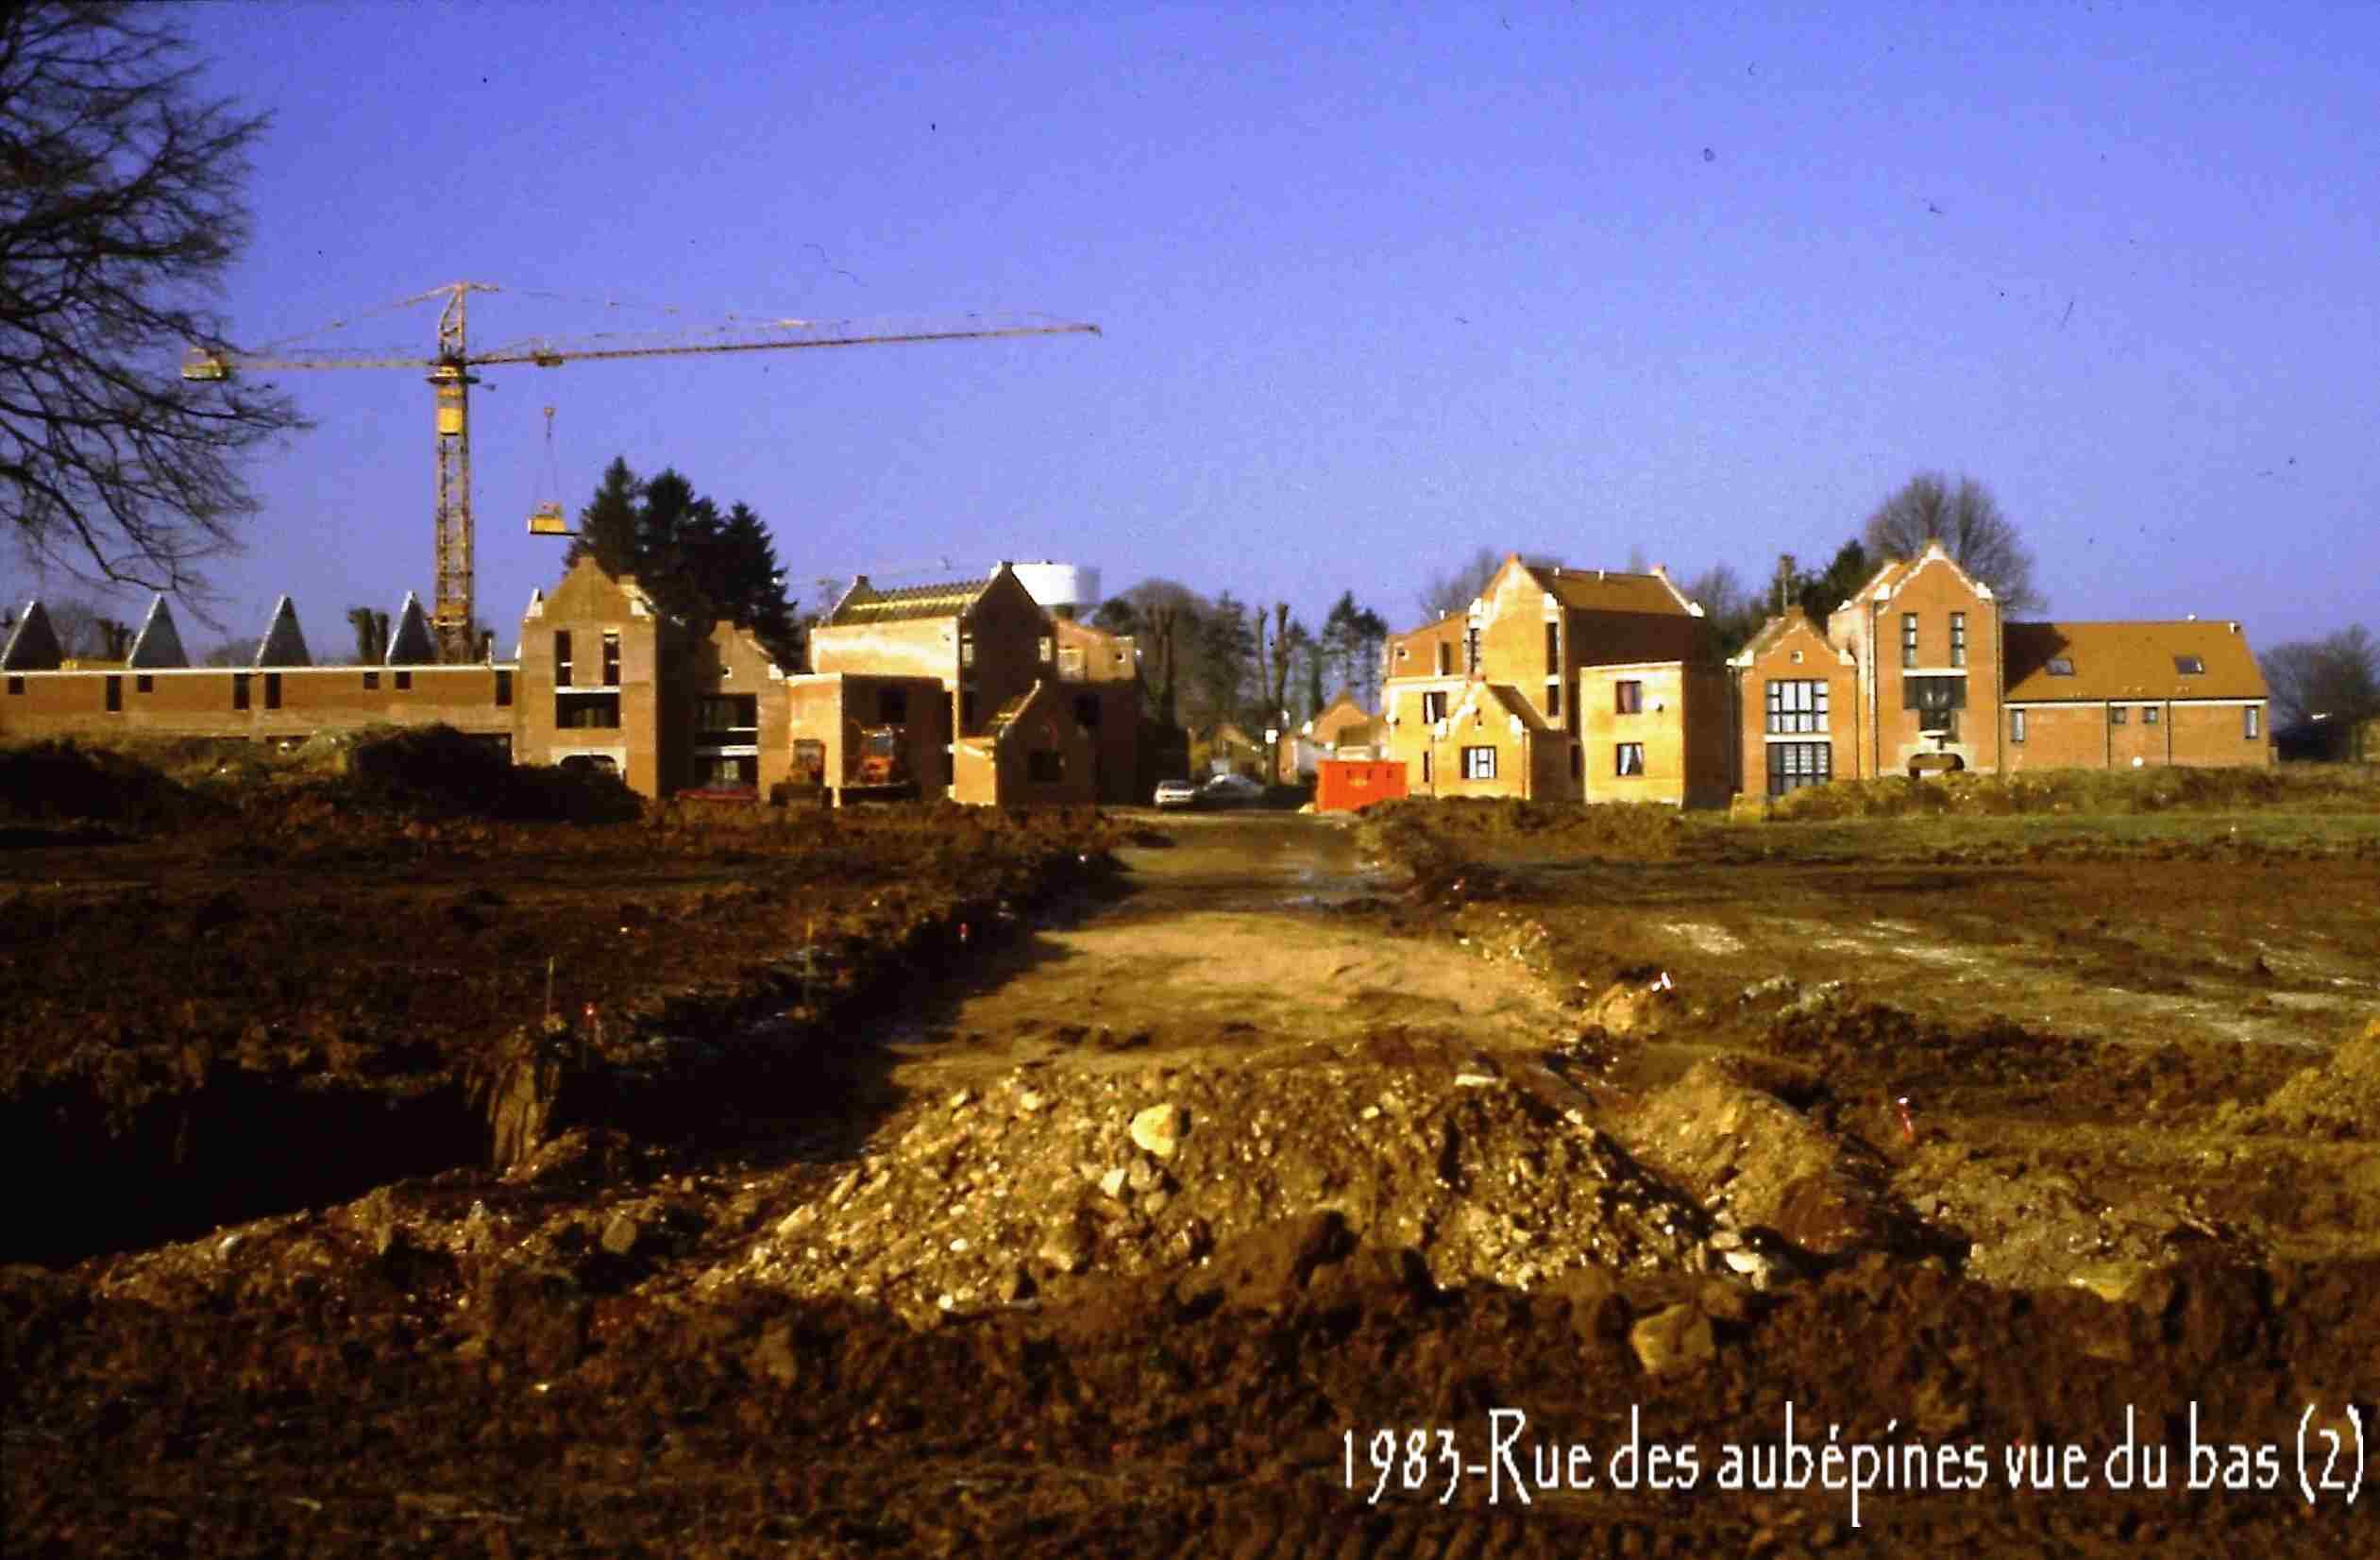 Famars-1983-rue-des-aubépines-vue-du-bas-21